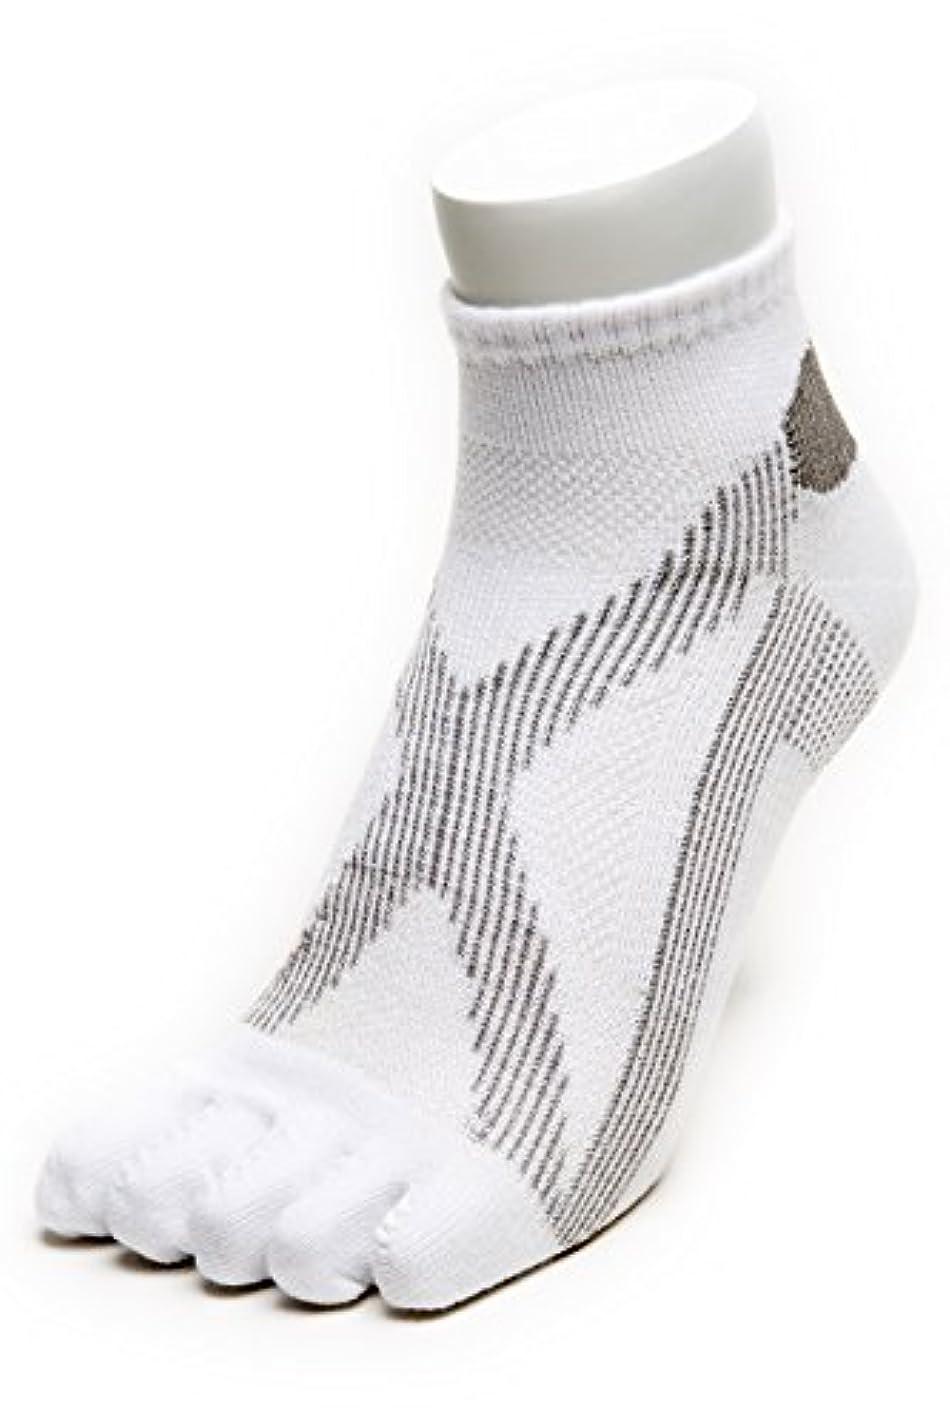 着る見かけ上懐疑論AIRエアーバリエ 5本指ソックス (25~27㎝?ホワイト)テーピング ソックス 歩きやすく疲れにくい靴下 【エコノレッグ】【メンズ 靴下】 (ホワイト)